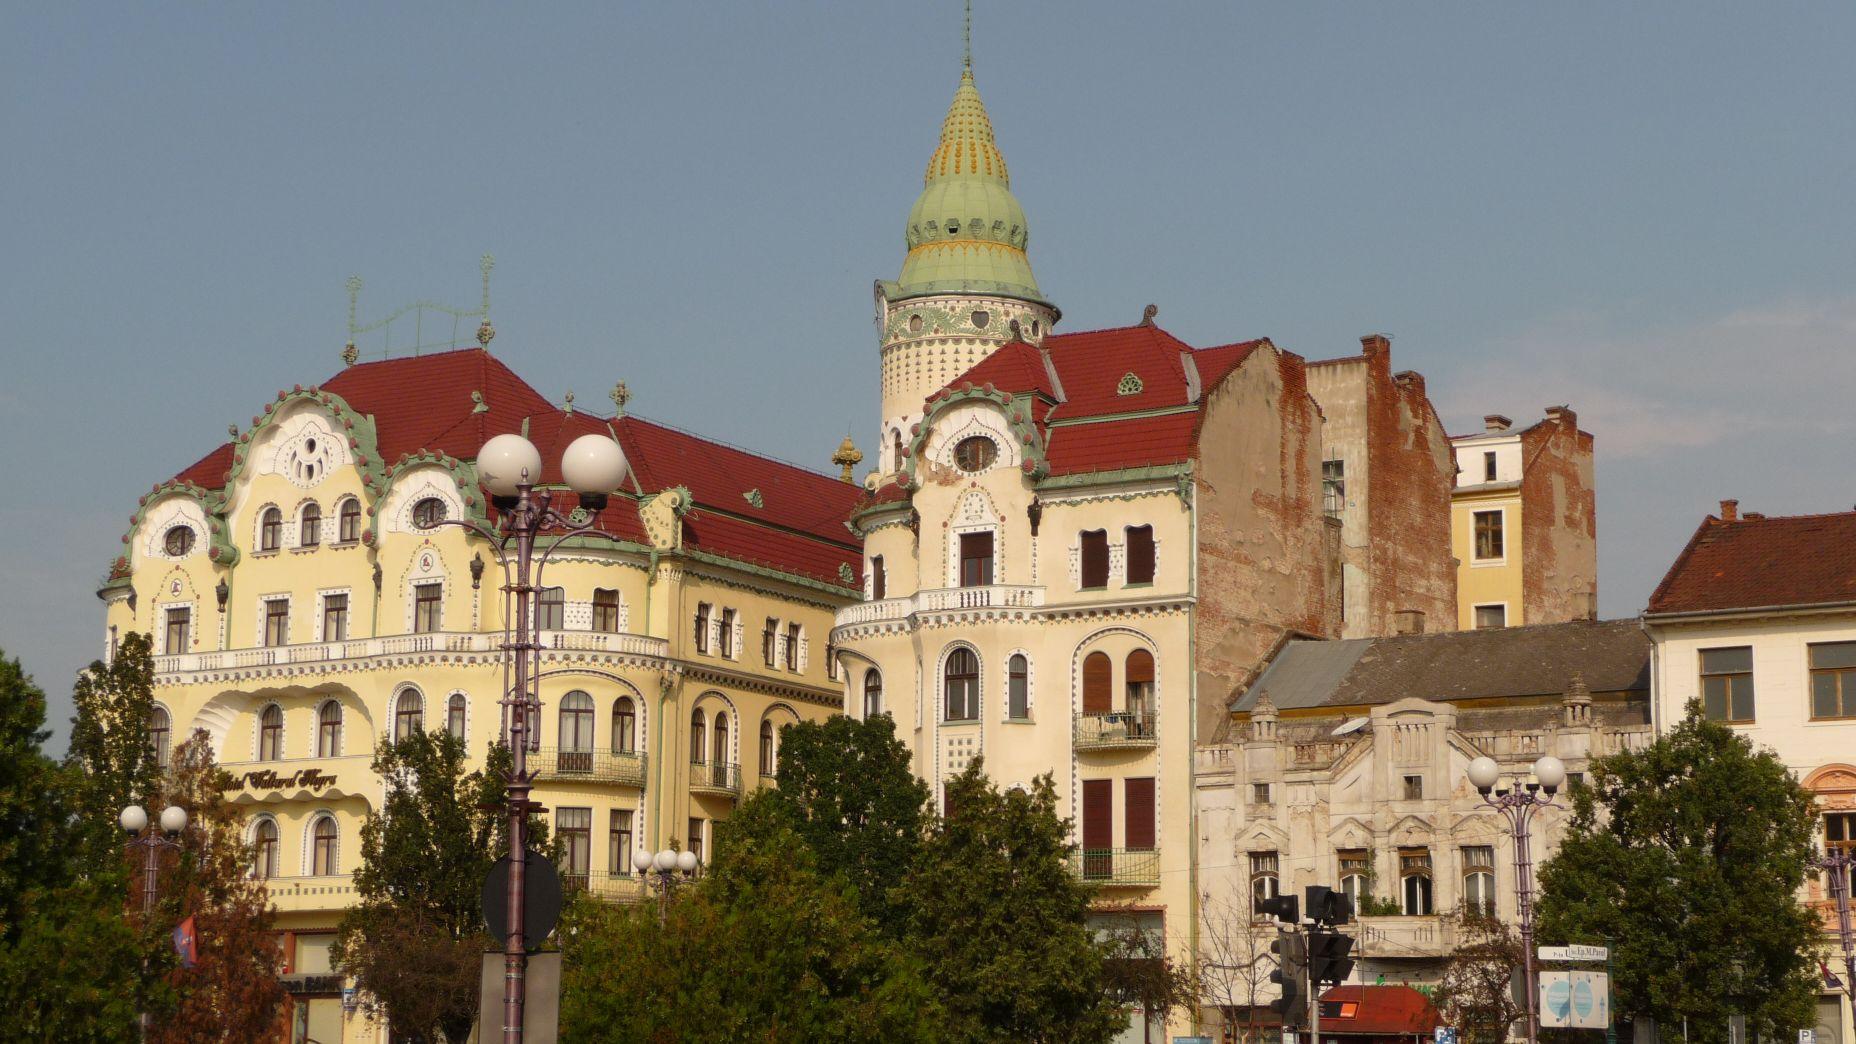 Węgry - Oradea - zdjęcia, atrakcje